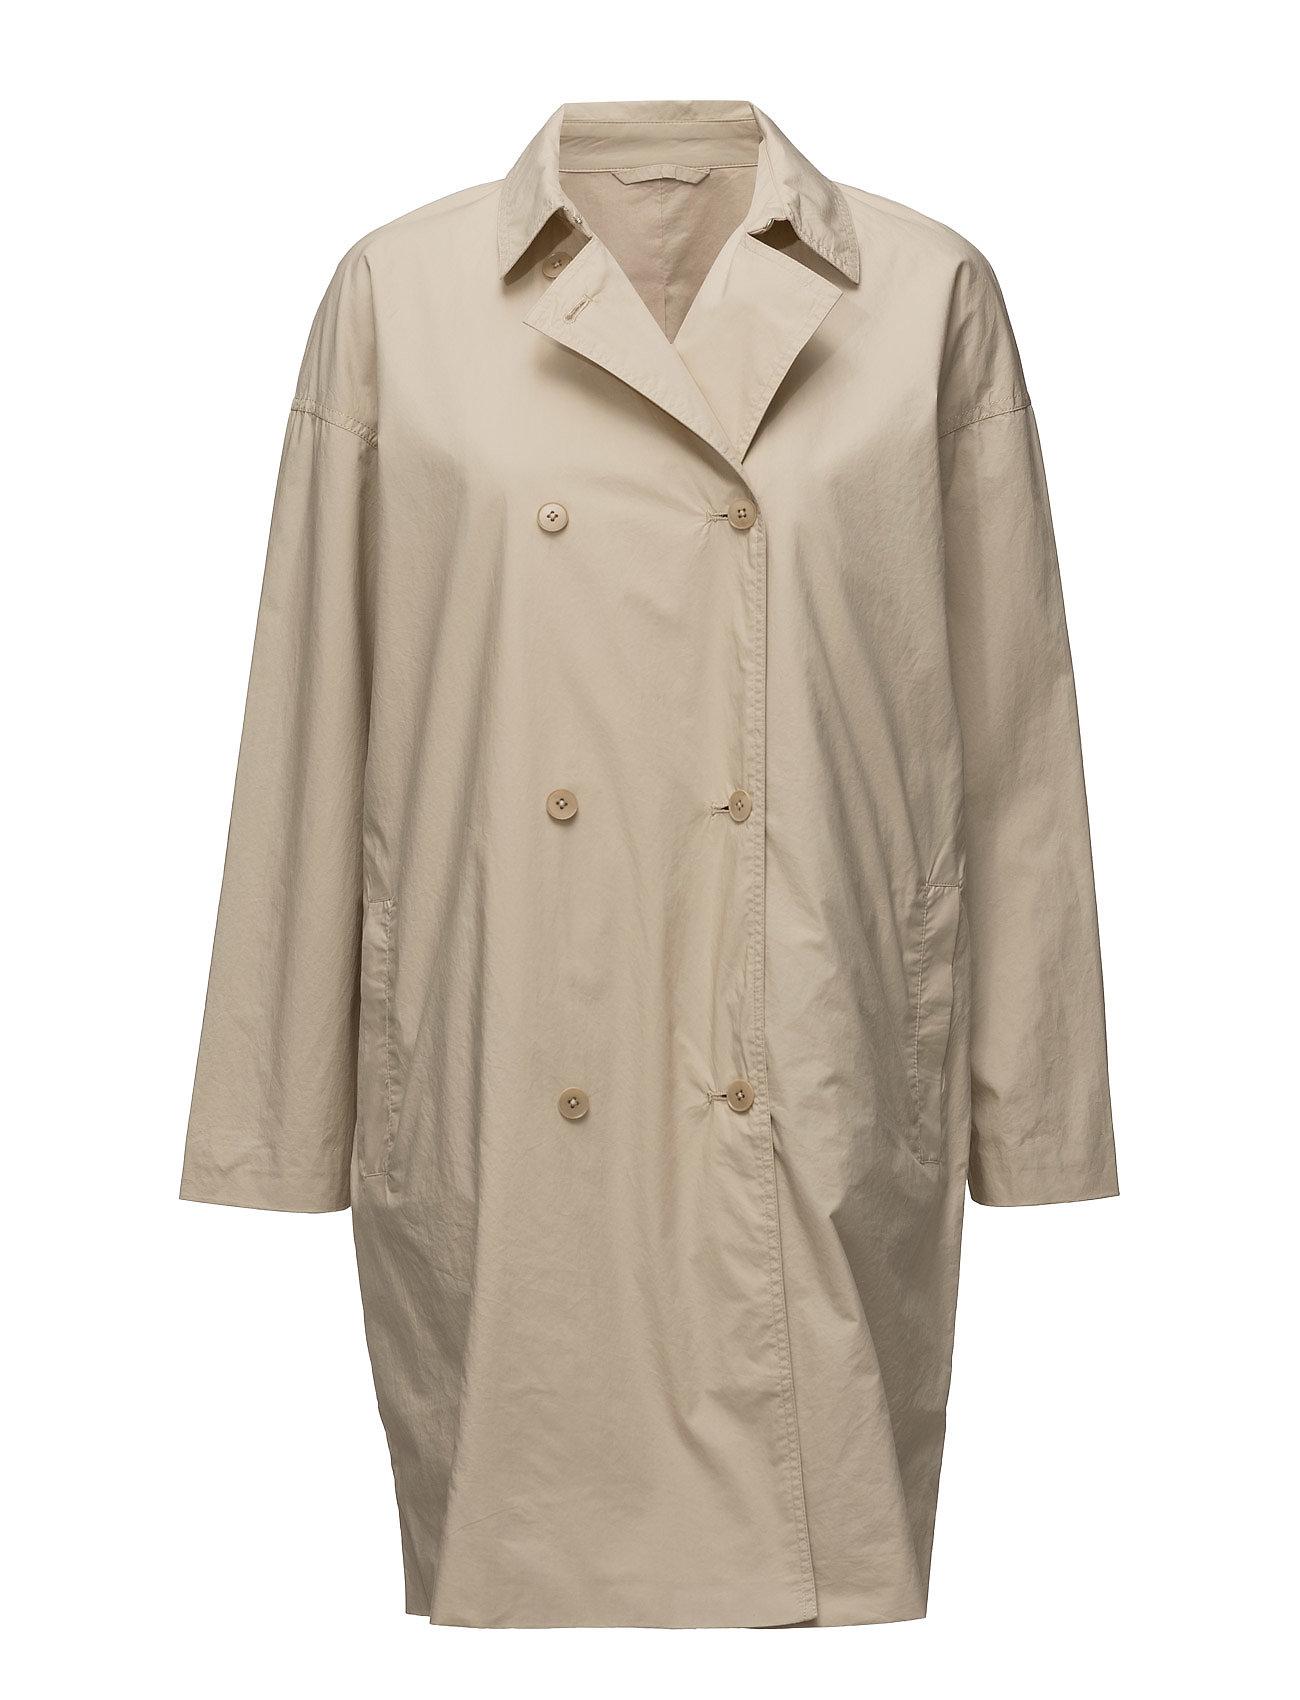 Bonnie Jacket 7955 Samsøe & Samsøe Frakker til Damer i